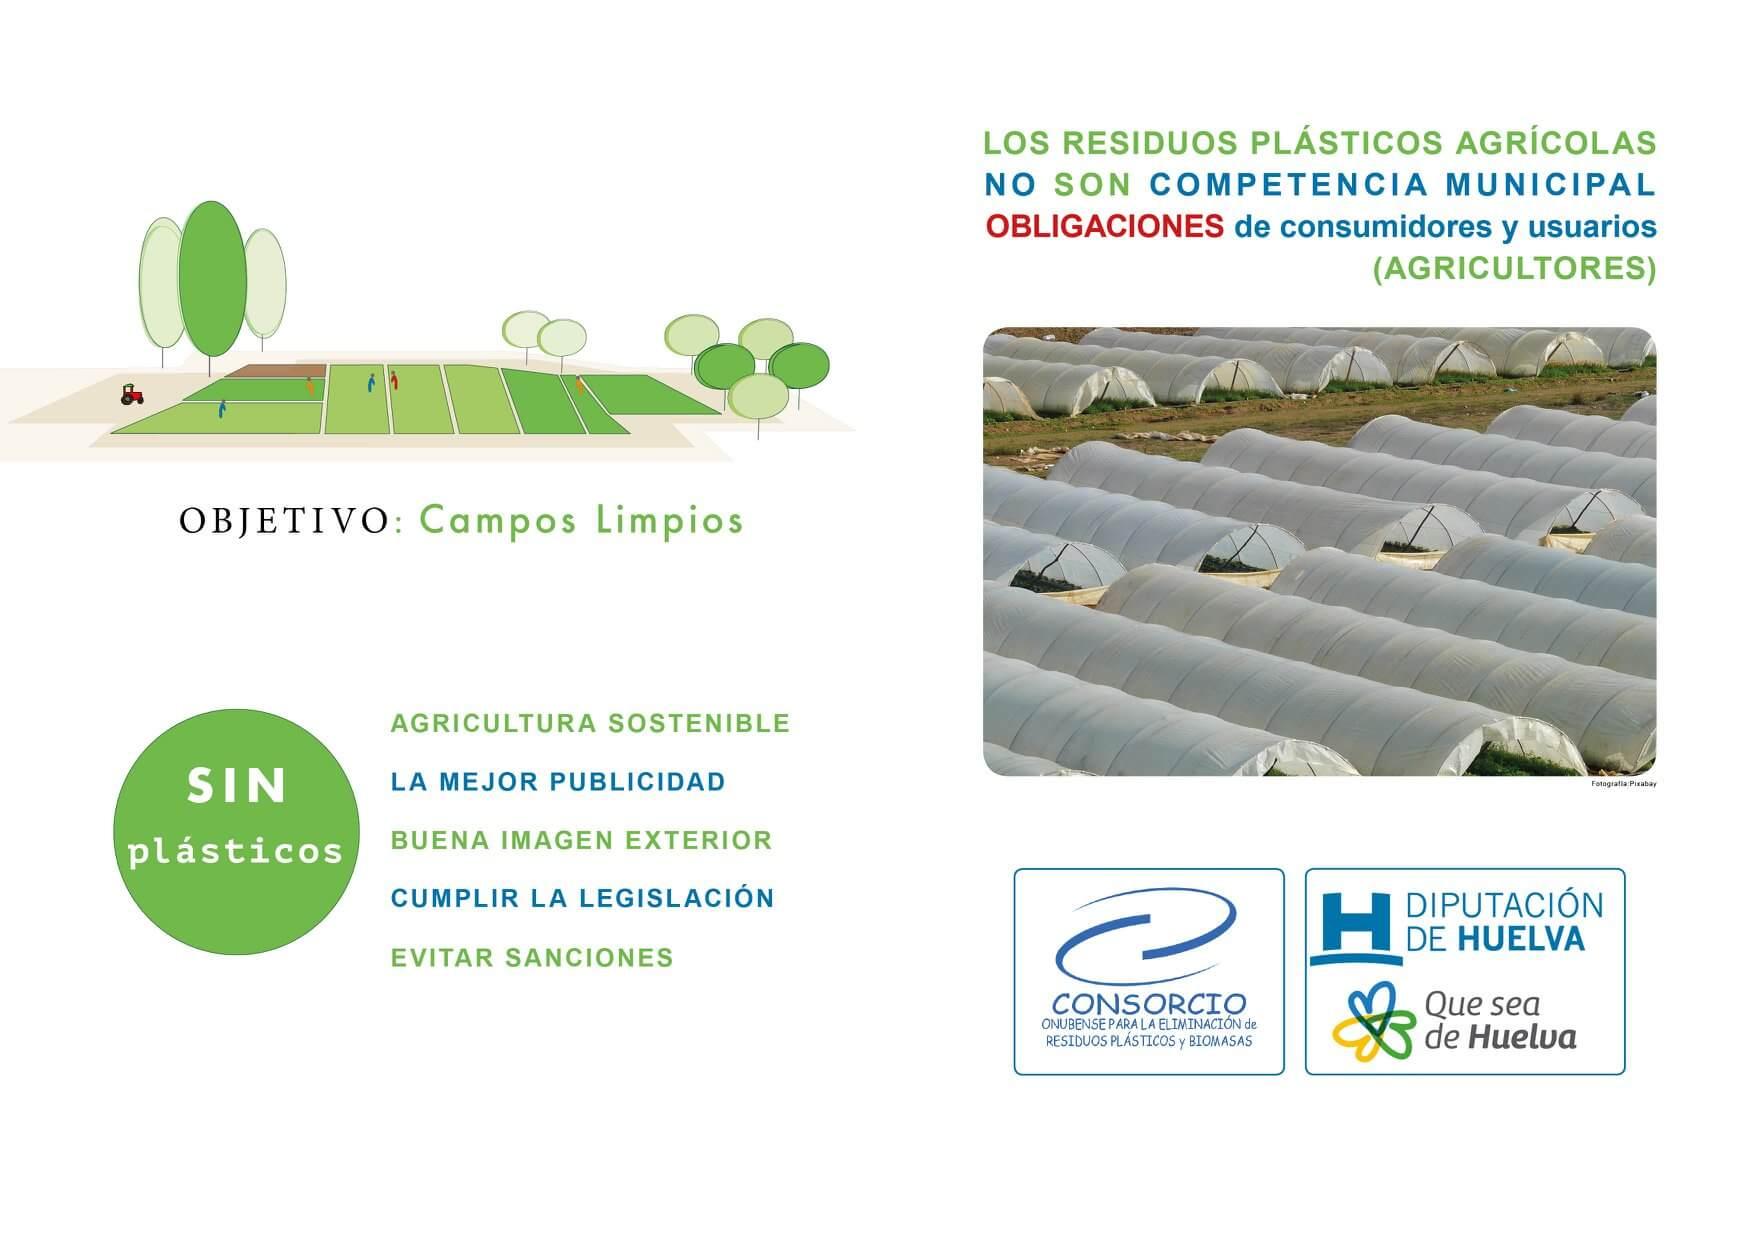 4adbaf393 Información para la gestión de los residuos plásticos por parte de los  agricultores